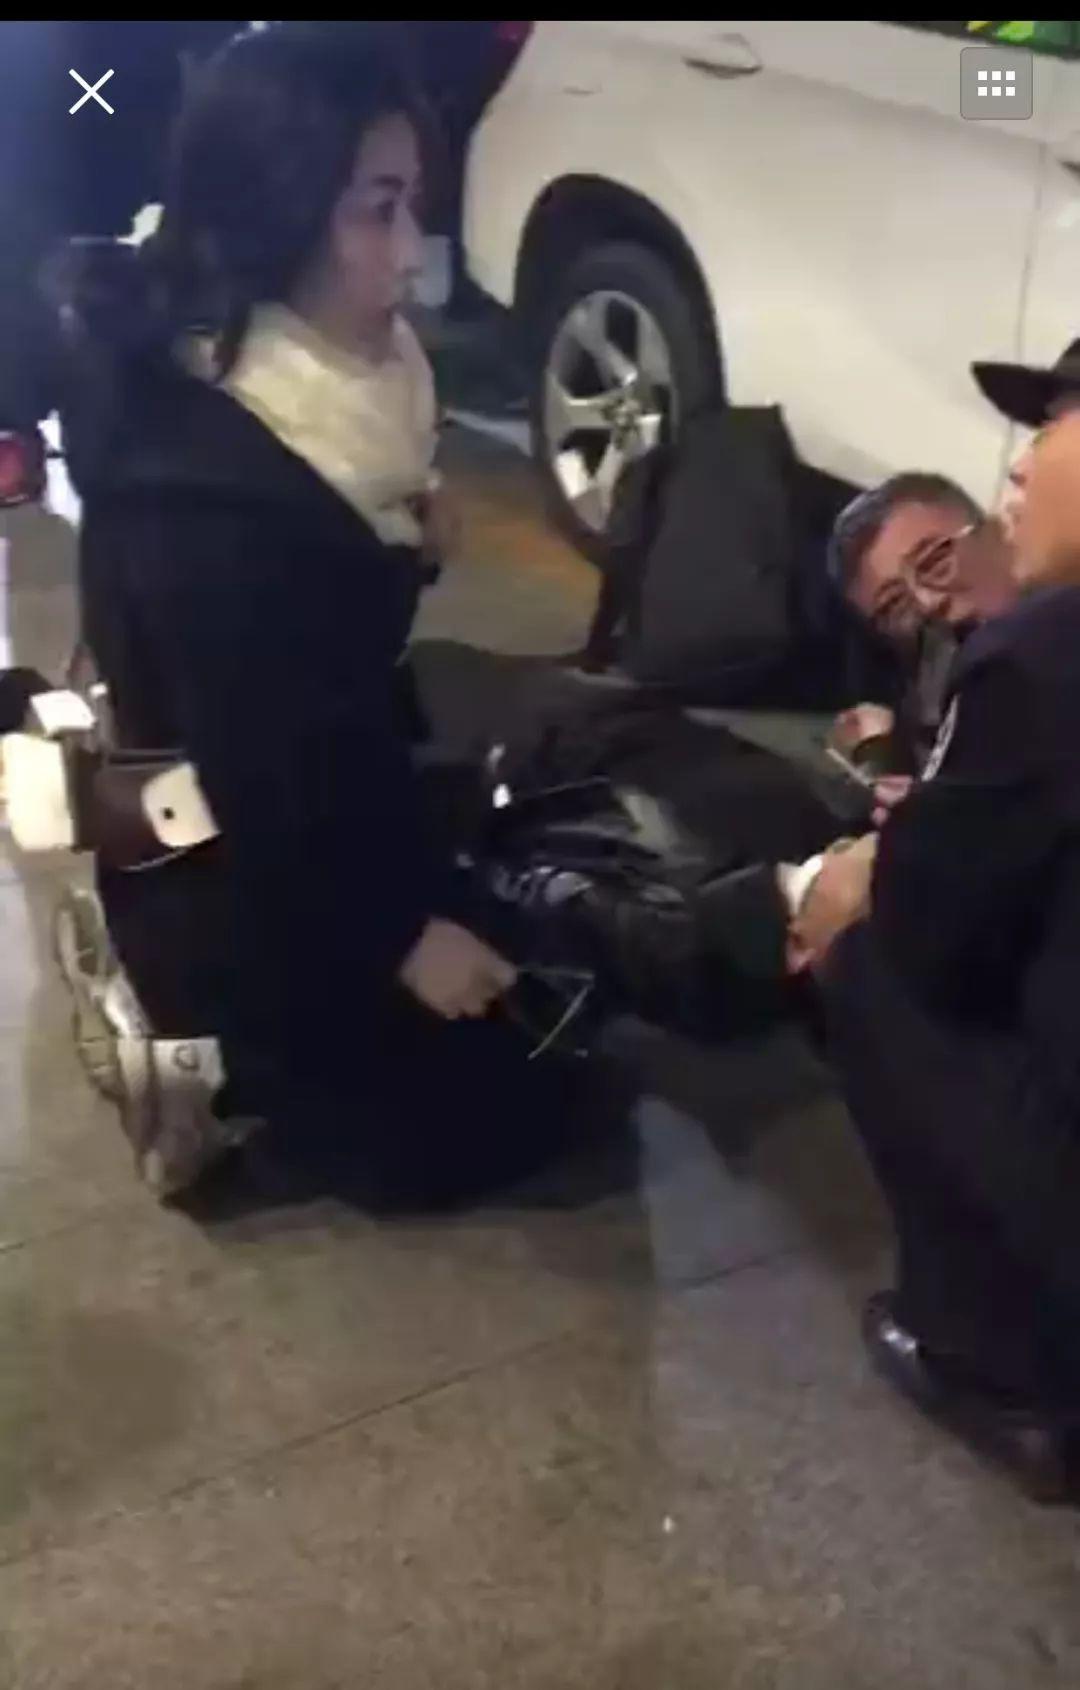 【城事】生死时刻,在北京寒冬夜街头白城一市民毫不犹豫跪地救人,这句话感动所有人!